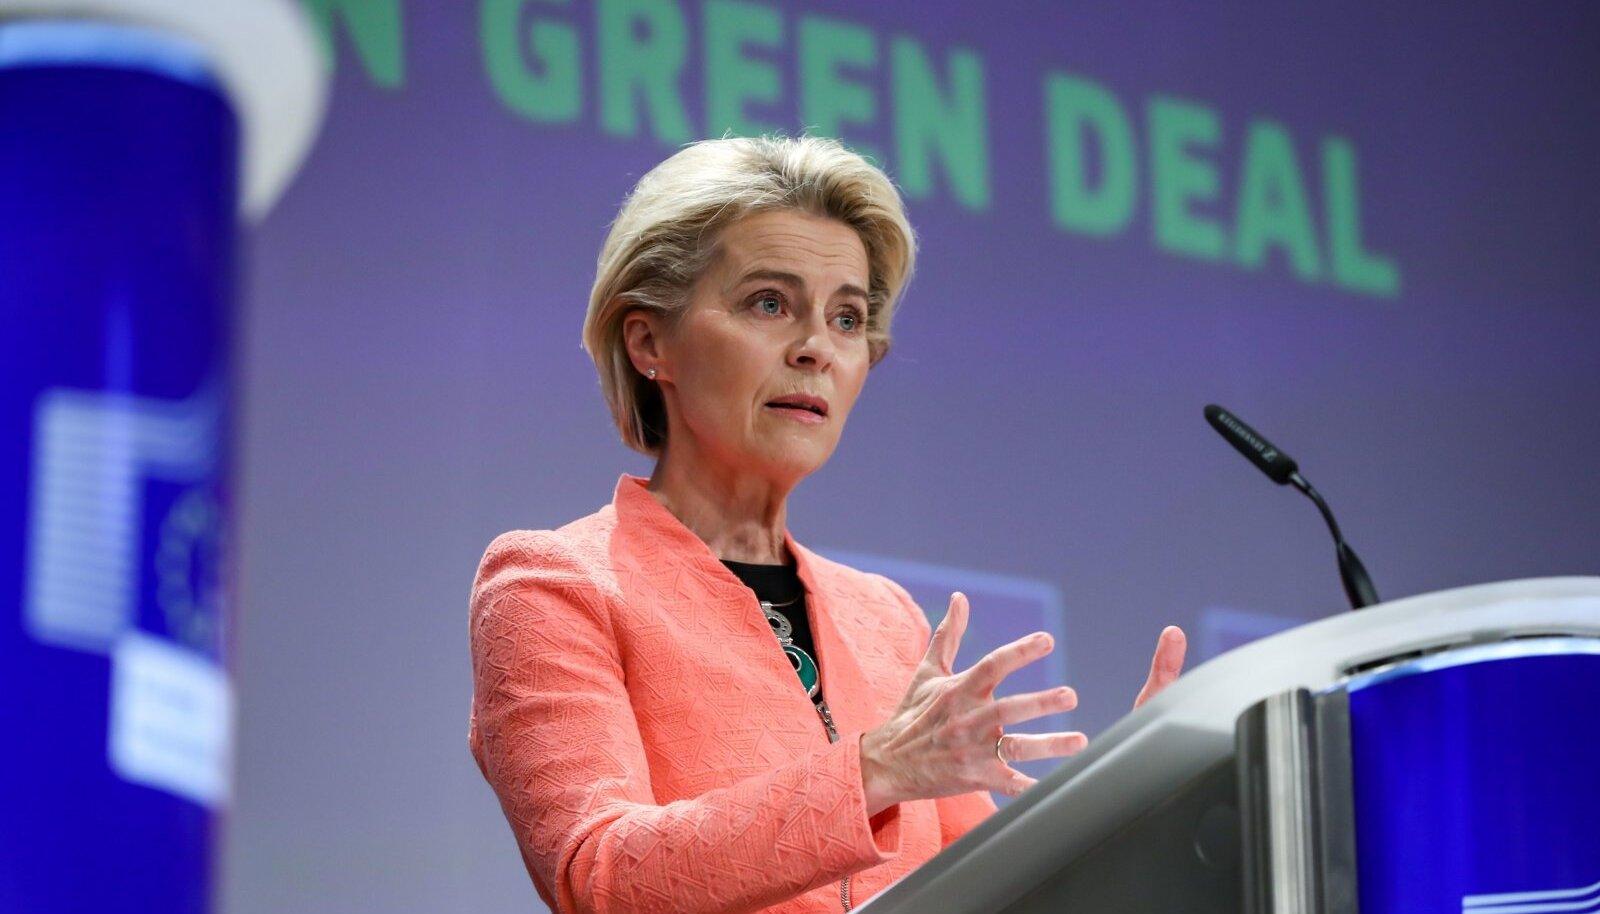 Ursula von der Leyeni sõnul on Eestil väga suur potentsiaal meretuuleparkide rajamiseks ja Eesti saaks kindlasti olulise rolli tulevases vesinikumajanduses.